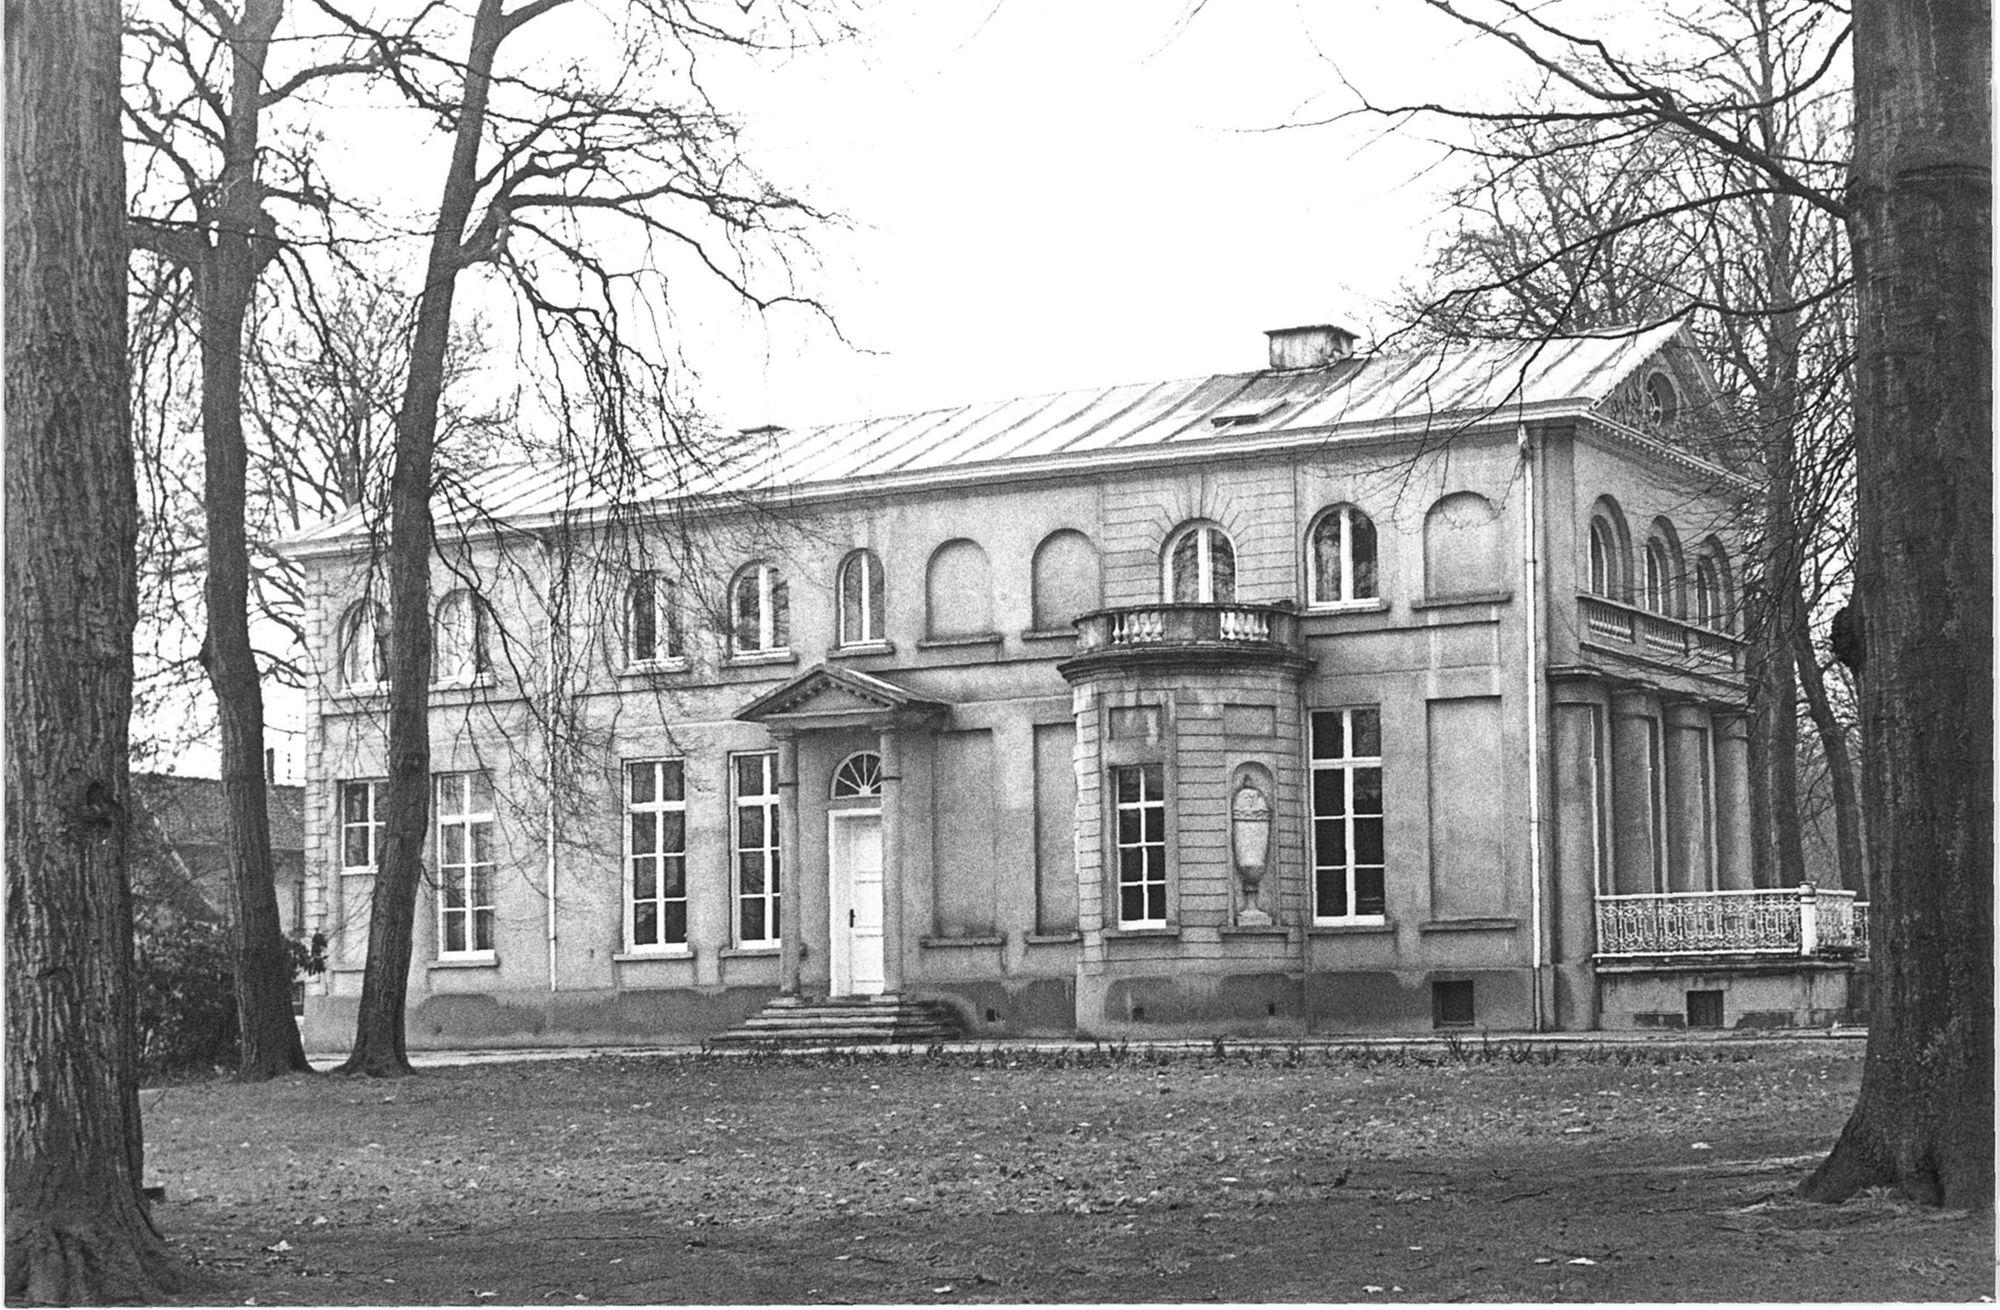 Willemsmote